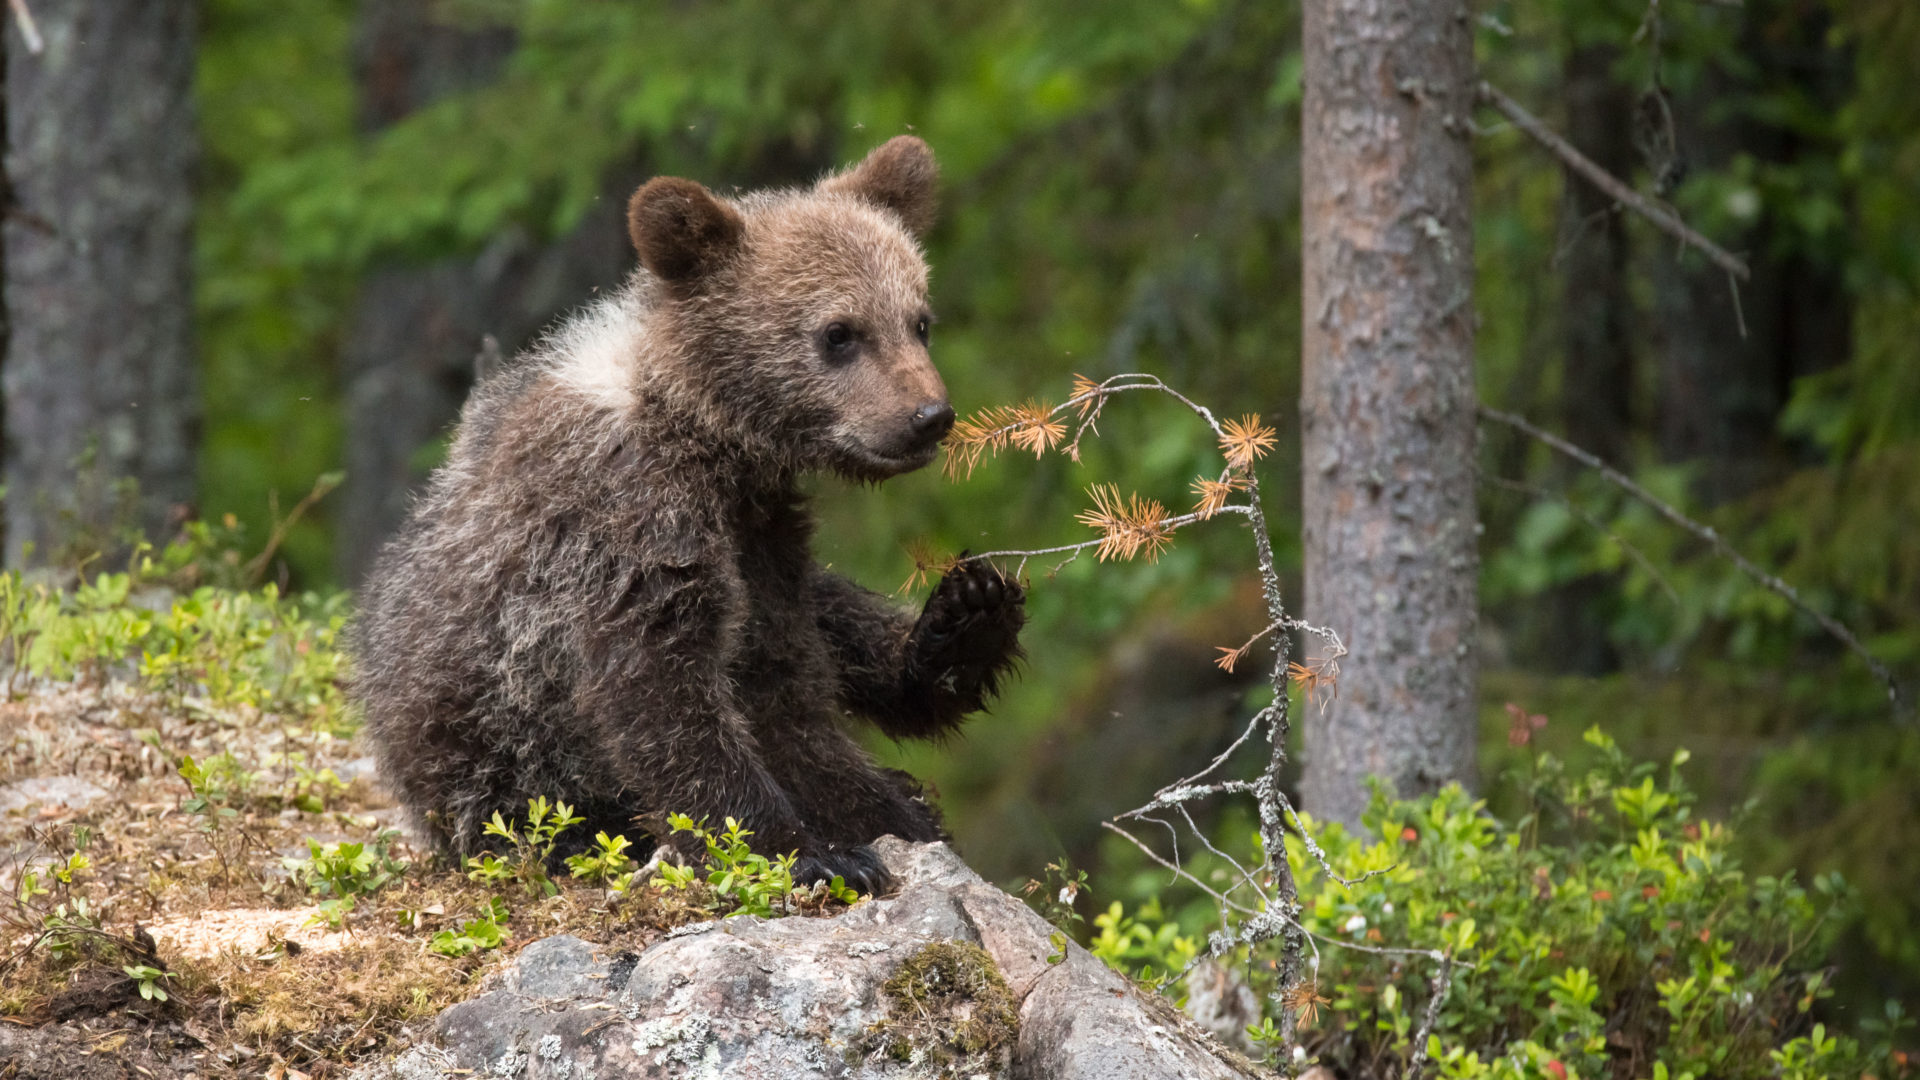 Karhujen mailla - Karhunpentu kivellä.